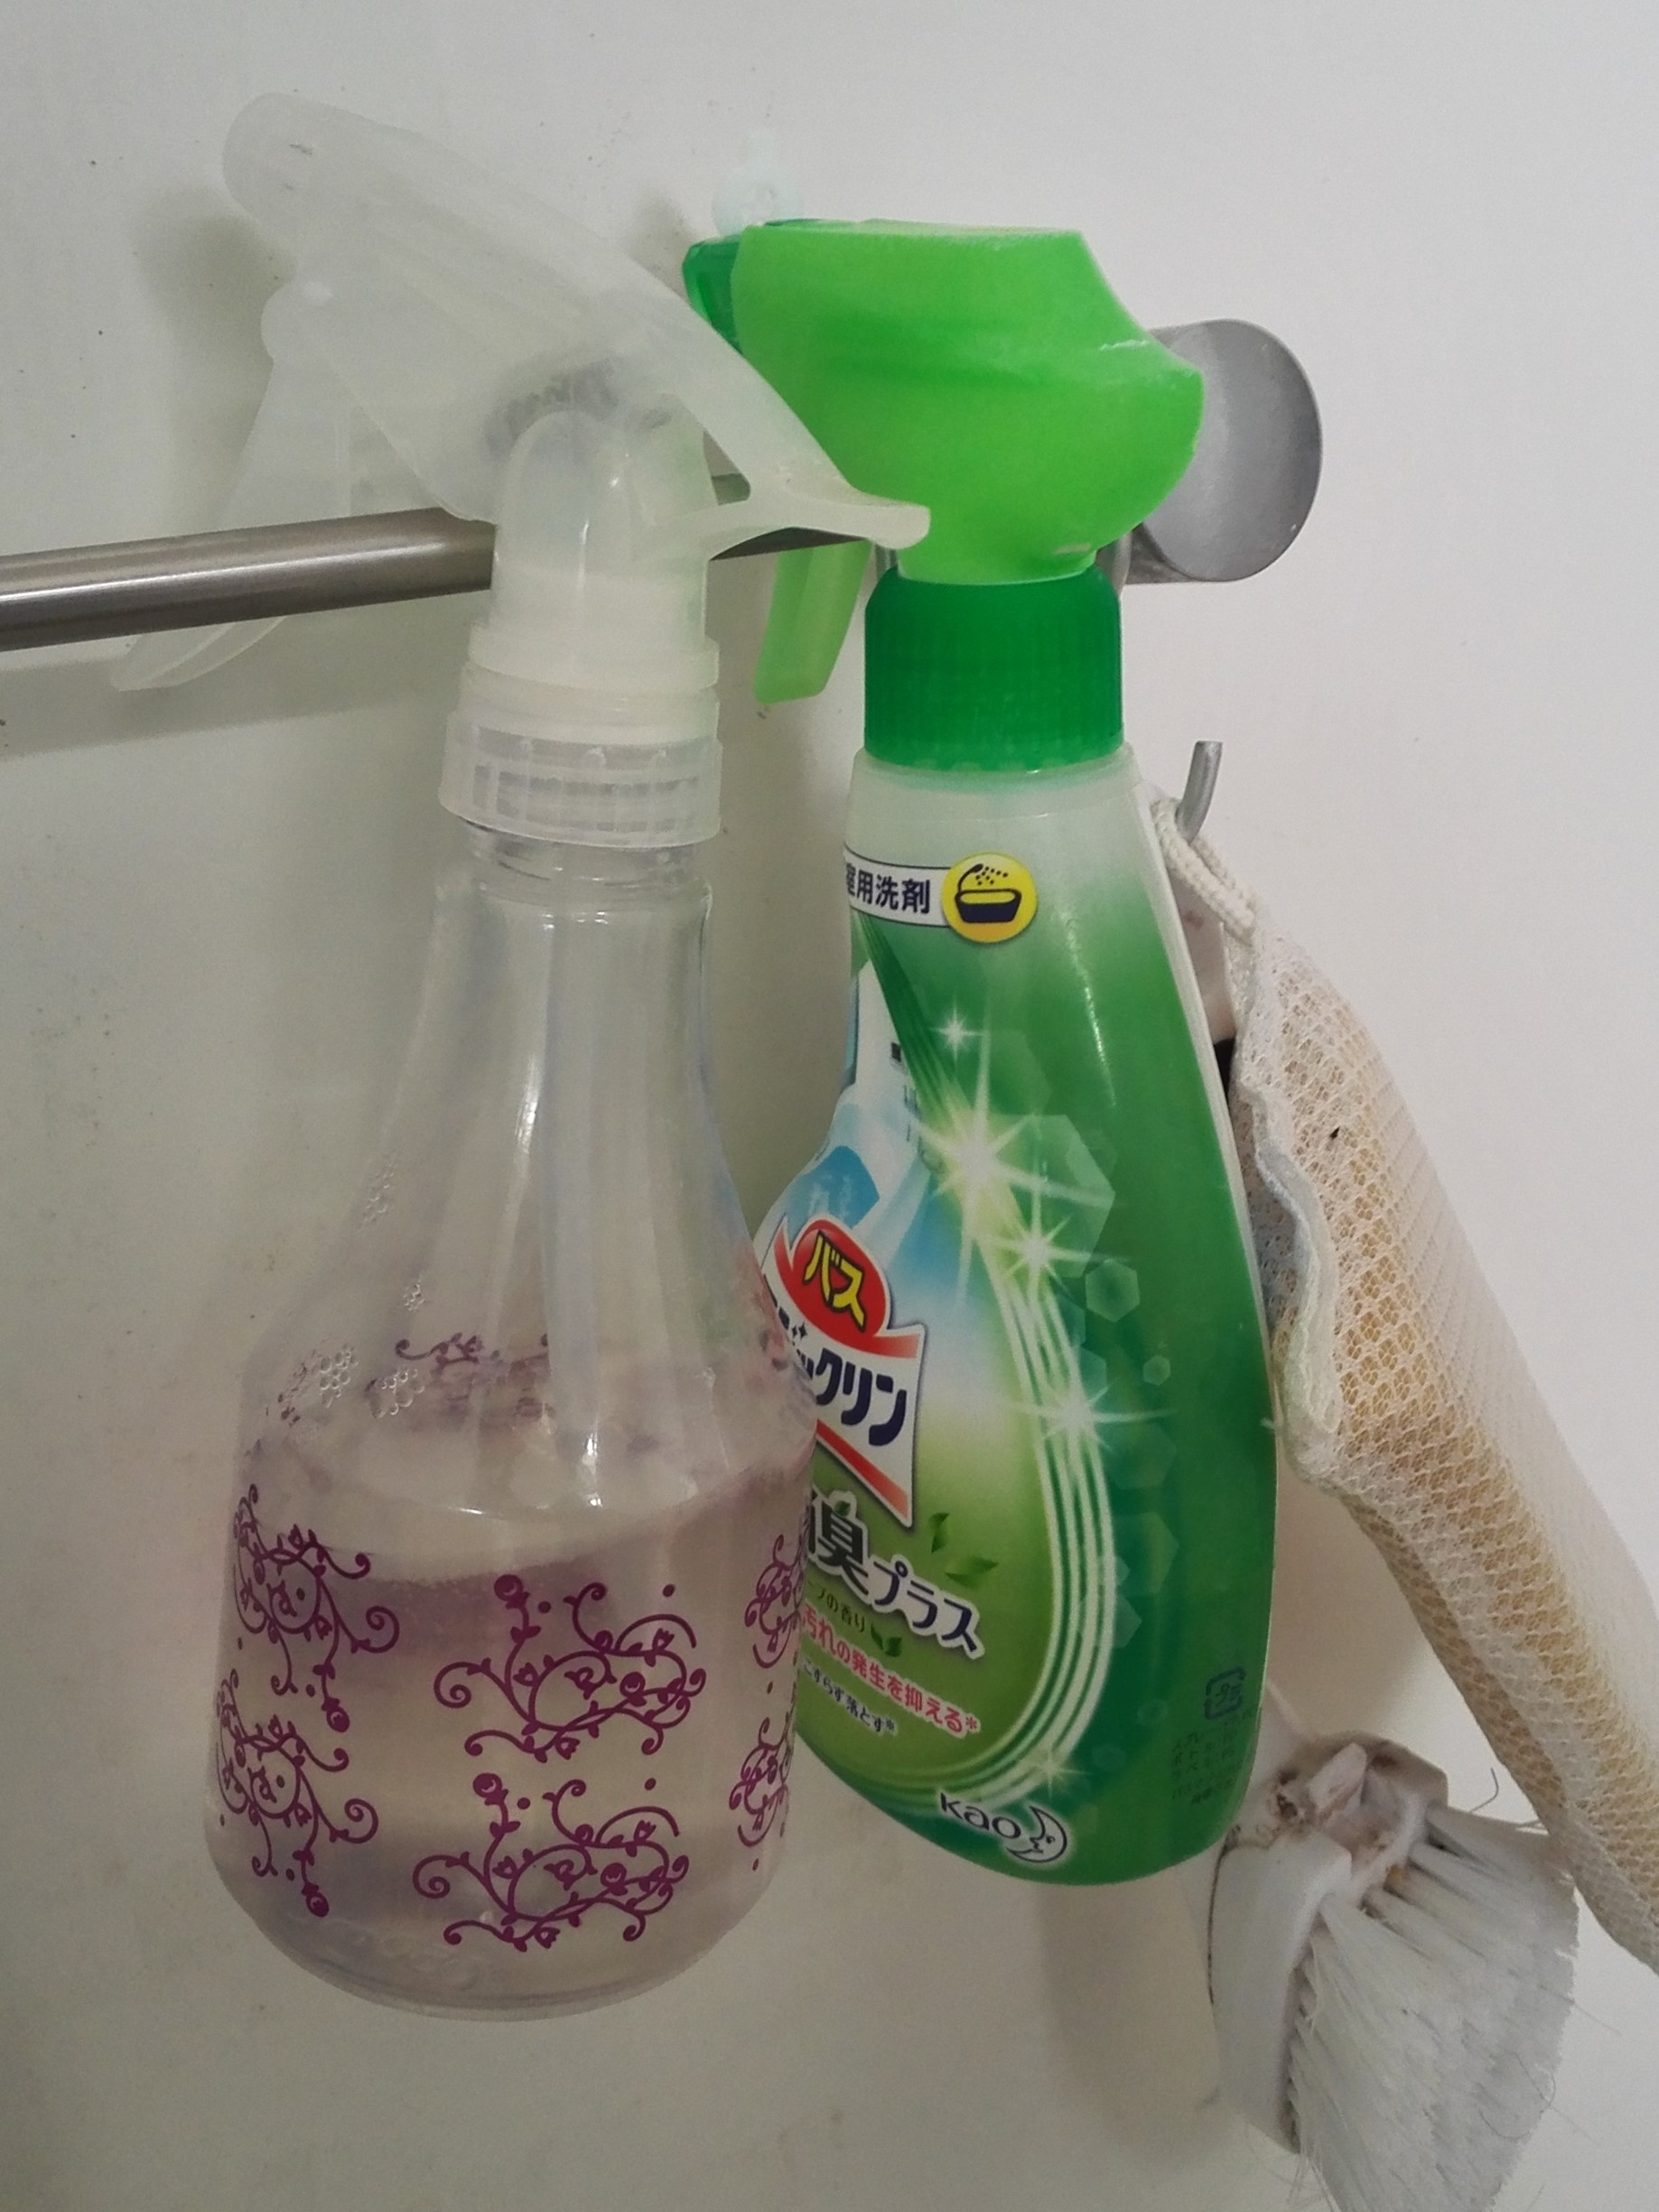 洗剤は吊り下げて